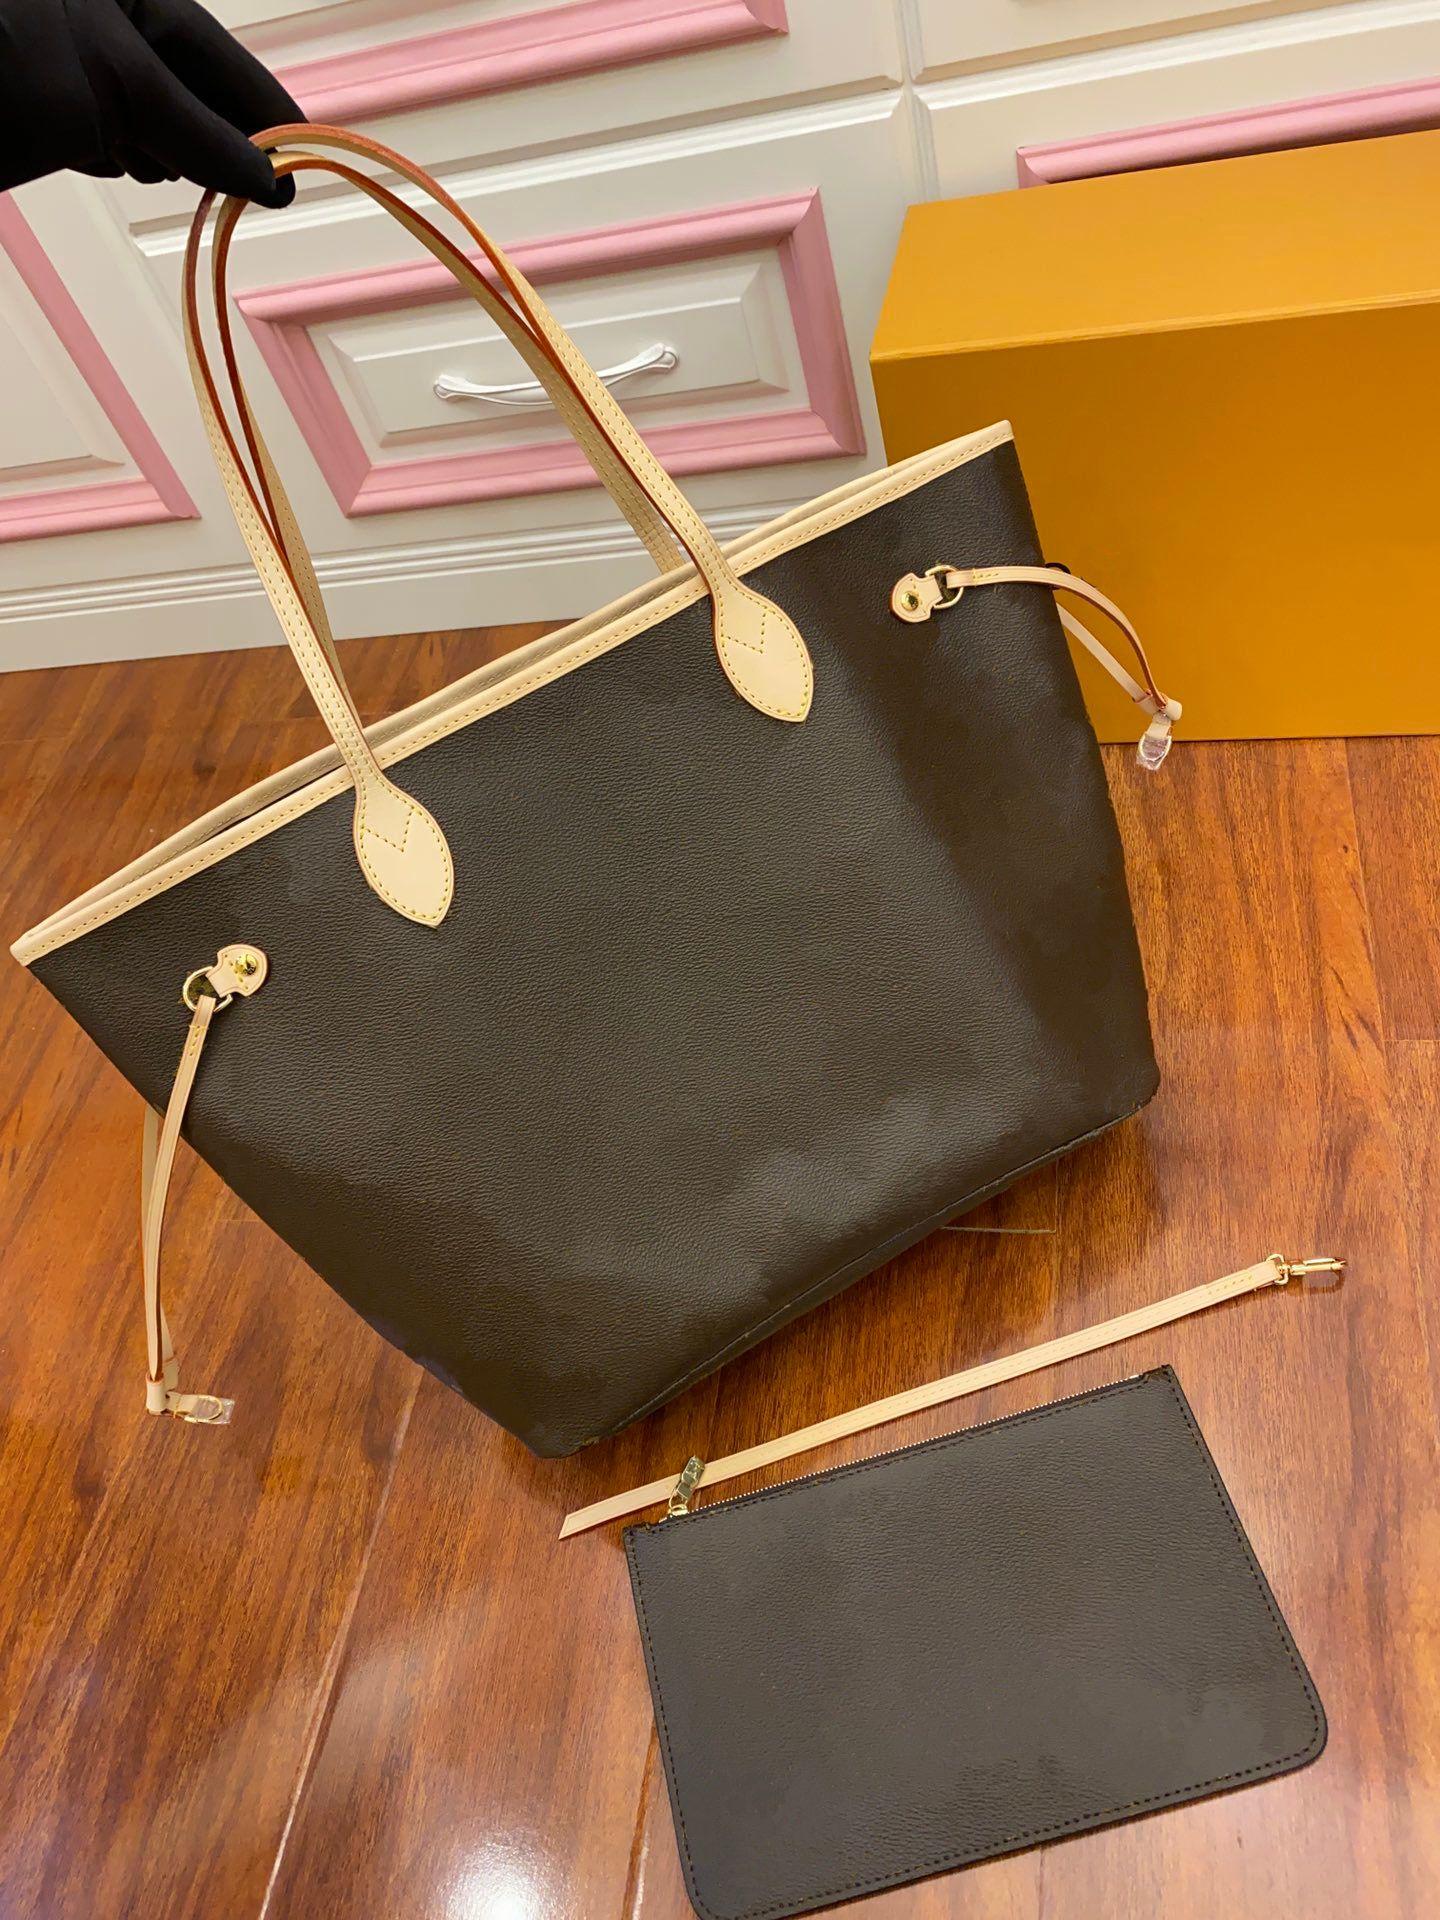 2021 Moda M41177 M40995 Mulheres Luxurys Designers Bolsas De Couro Genuíno Bolsas Mensageiro Ombro Crossbody Bag Totes Bolsa Carteiras Mochila